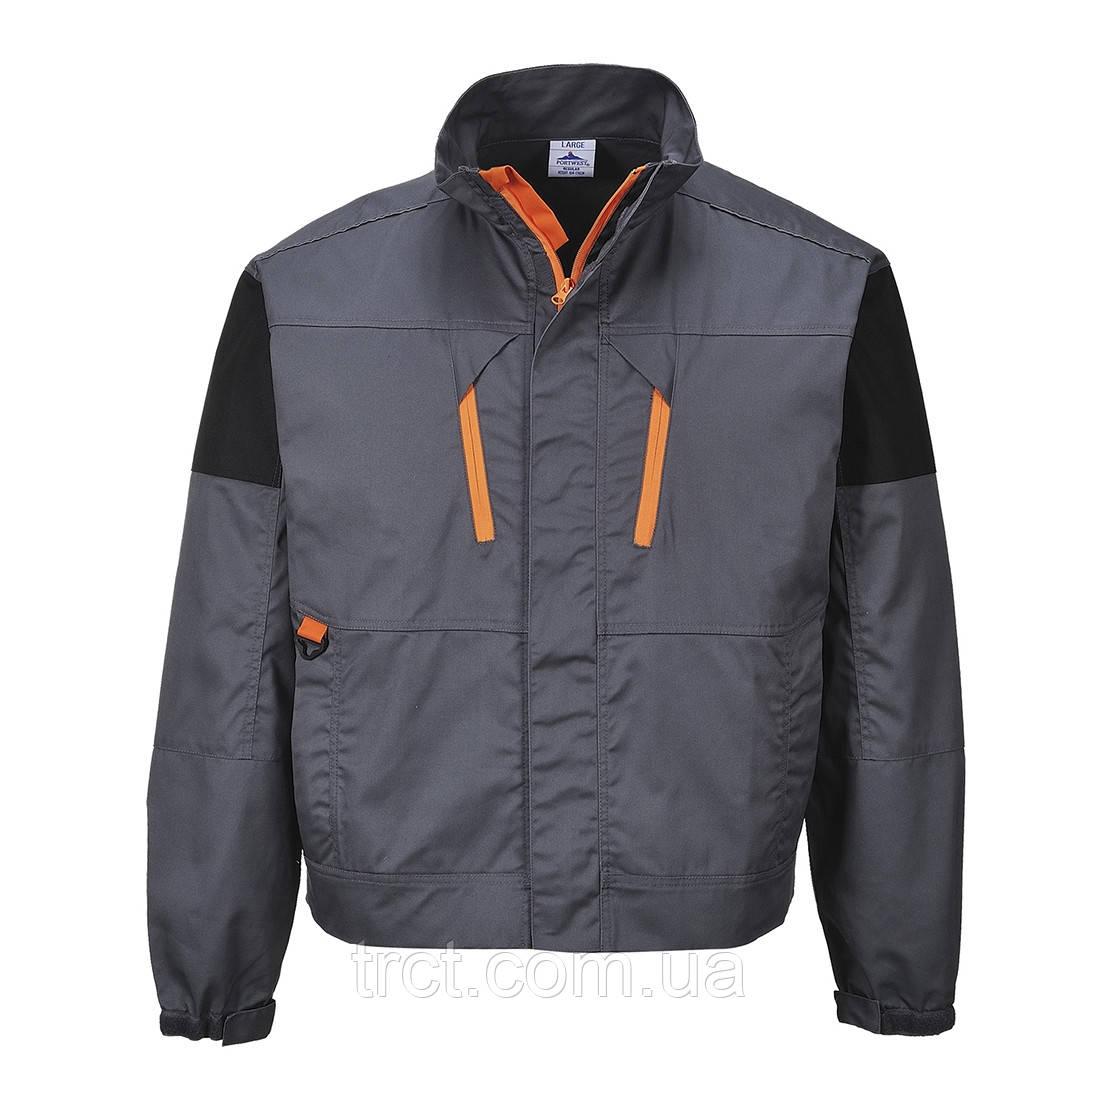 Куртка Tagus TX60